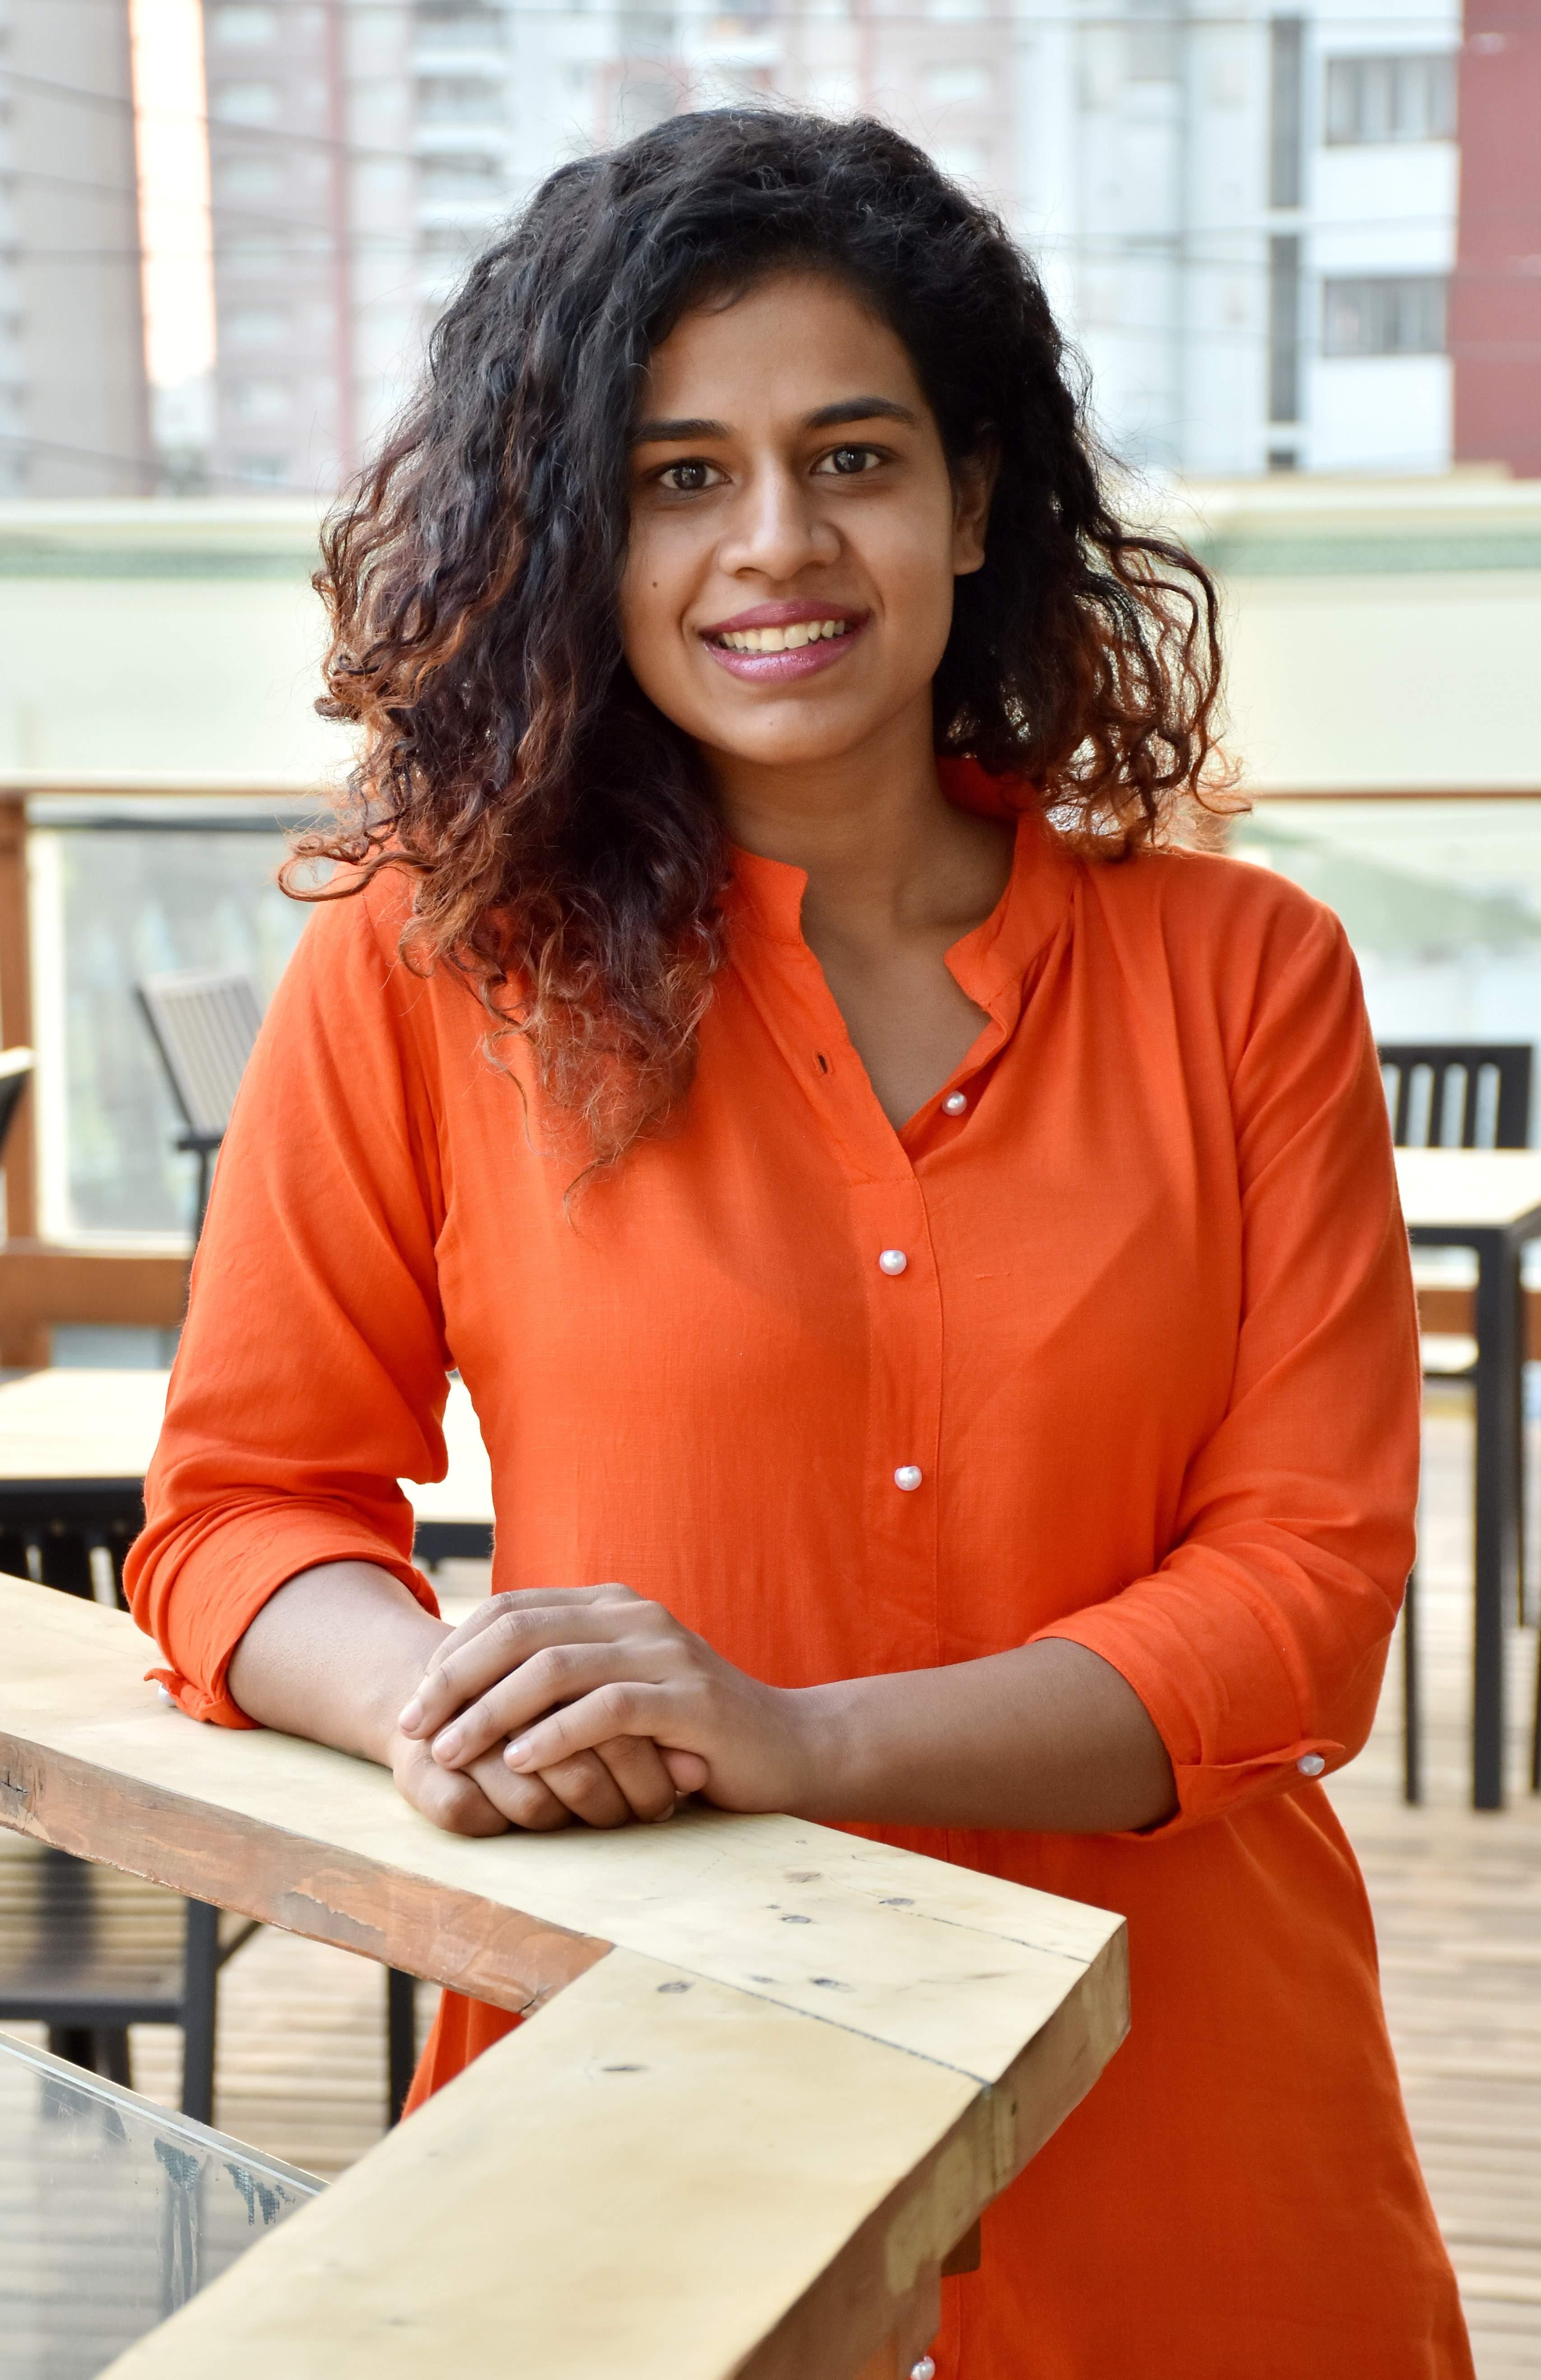 Sanjana M Kumar